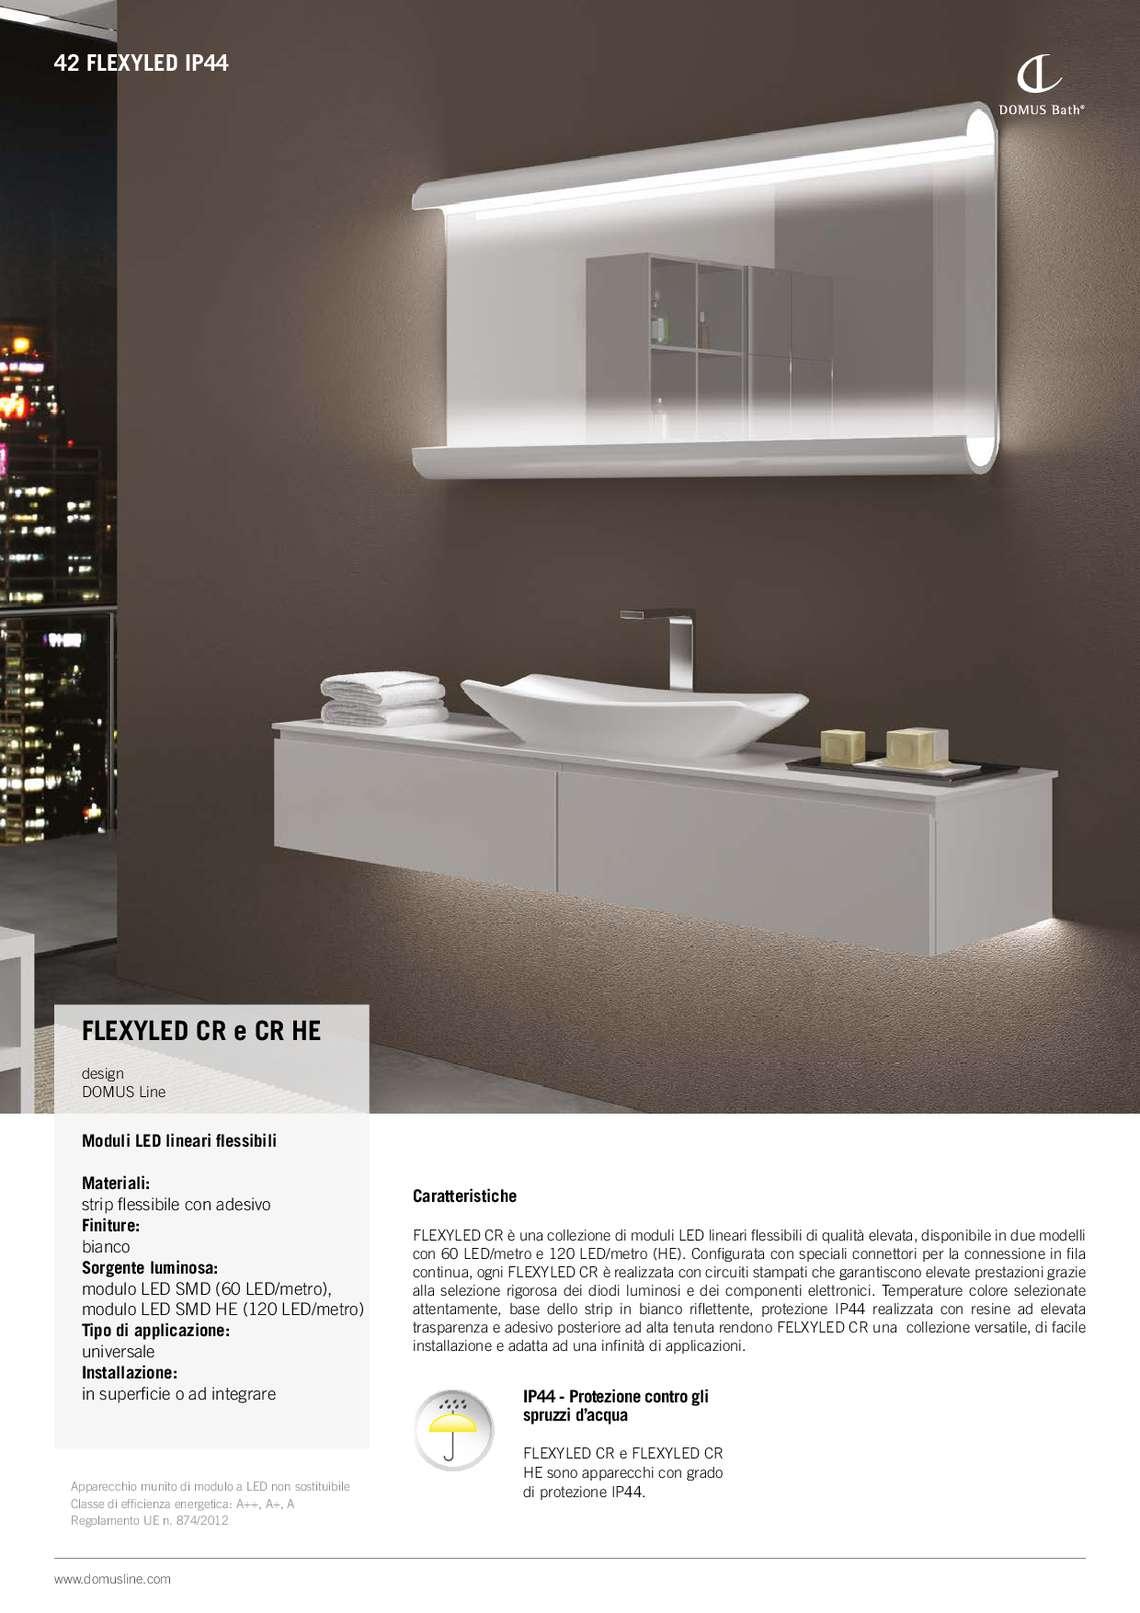 domus-line-bath_24_042.jpg